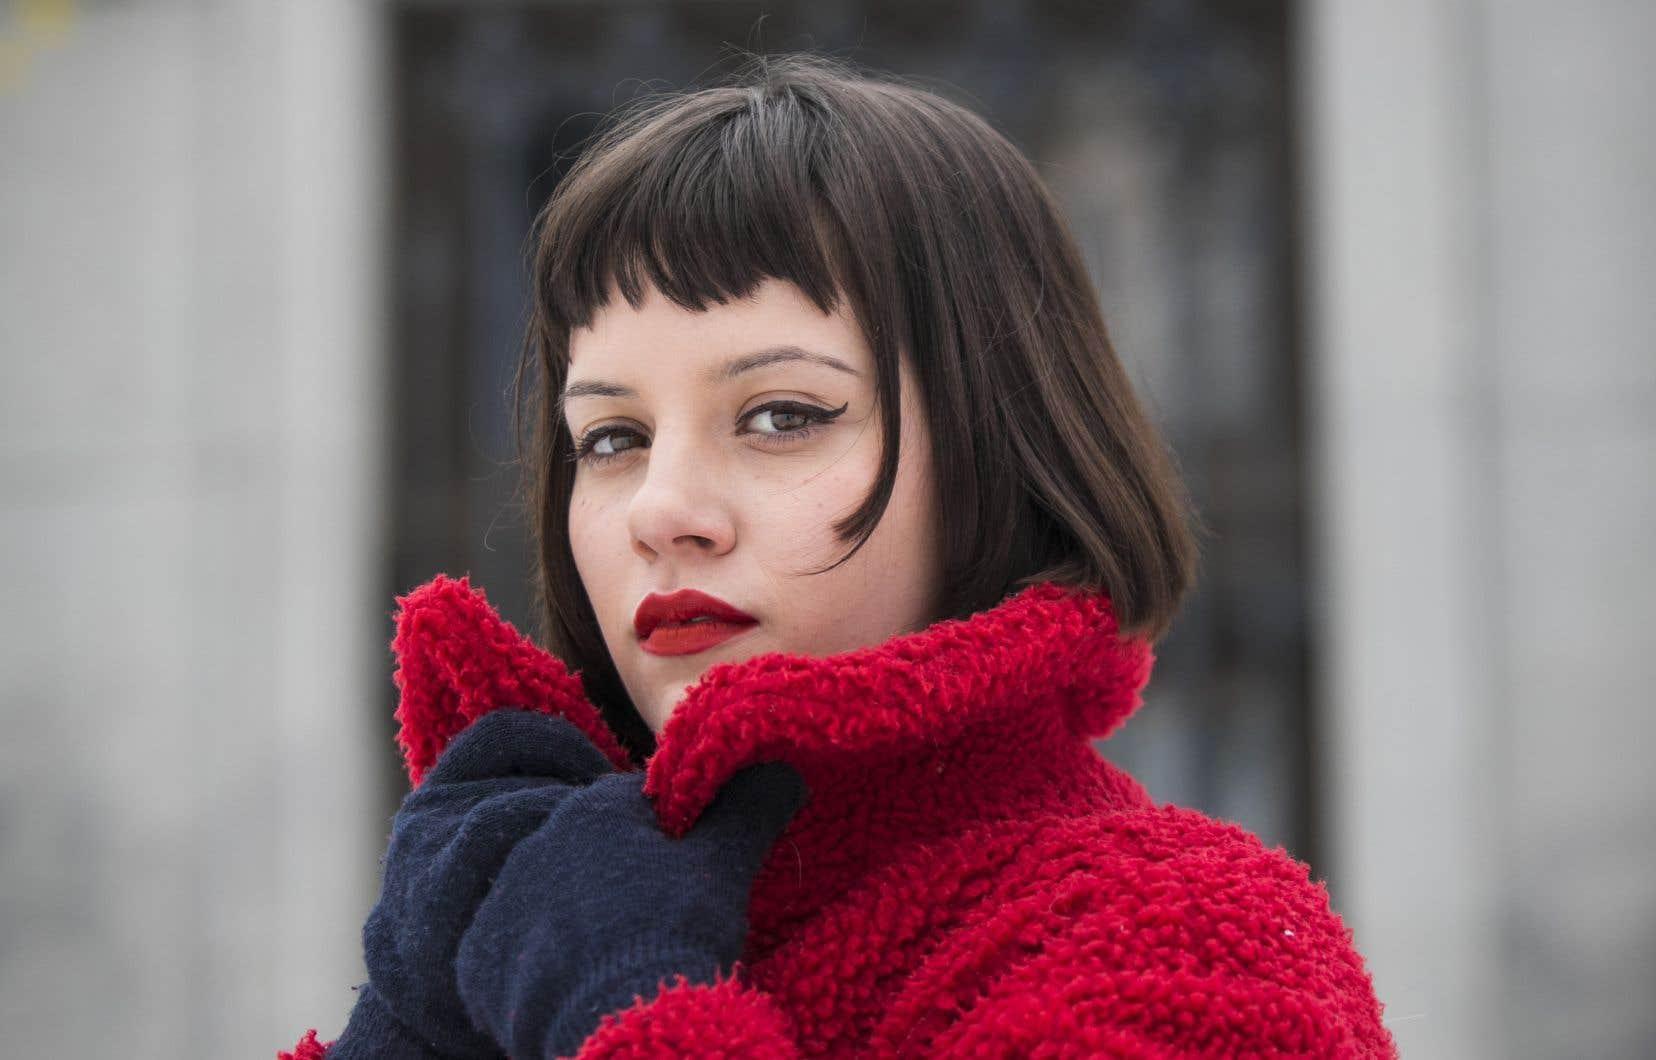 Rachel Leblanc aime, entre autres choses, Françoise Hardy, Sonic Youth et le cinéma, ayant étudié ce dernier à l'université.